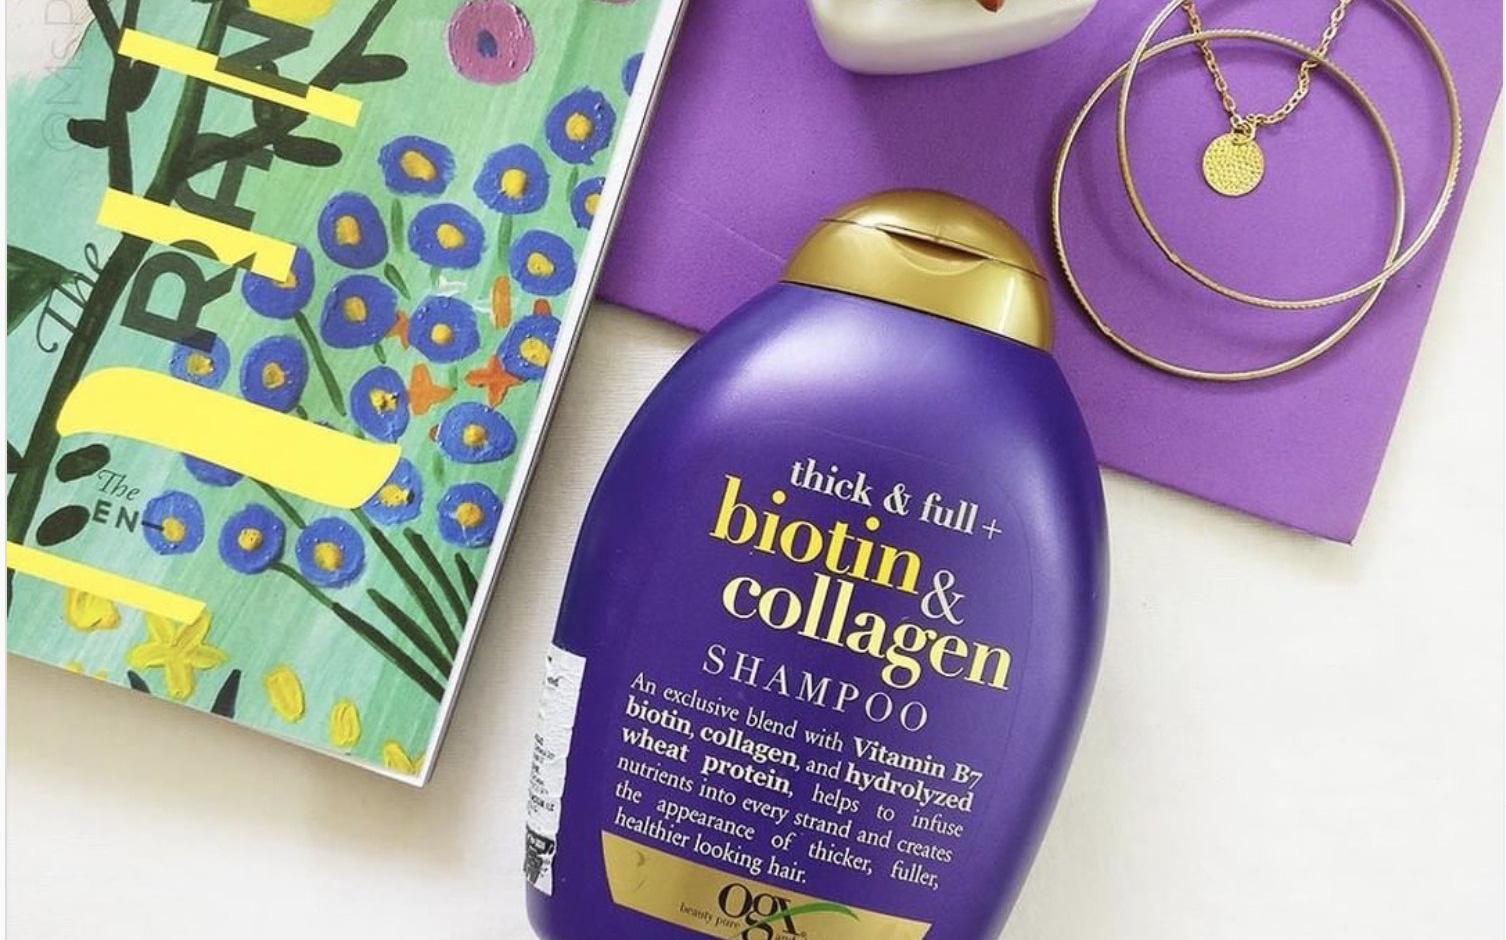 Yêu tóc khỏe đẹp, các nàng bỏ túi ngay từ điển dưỡng chất thiên nhiên dành cho tóc của OGX